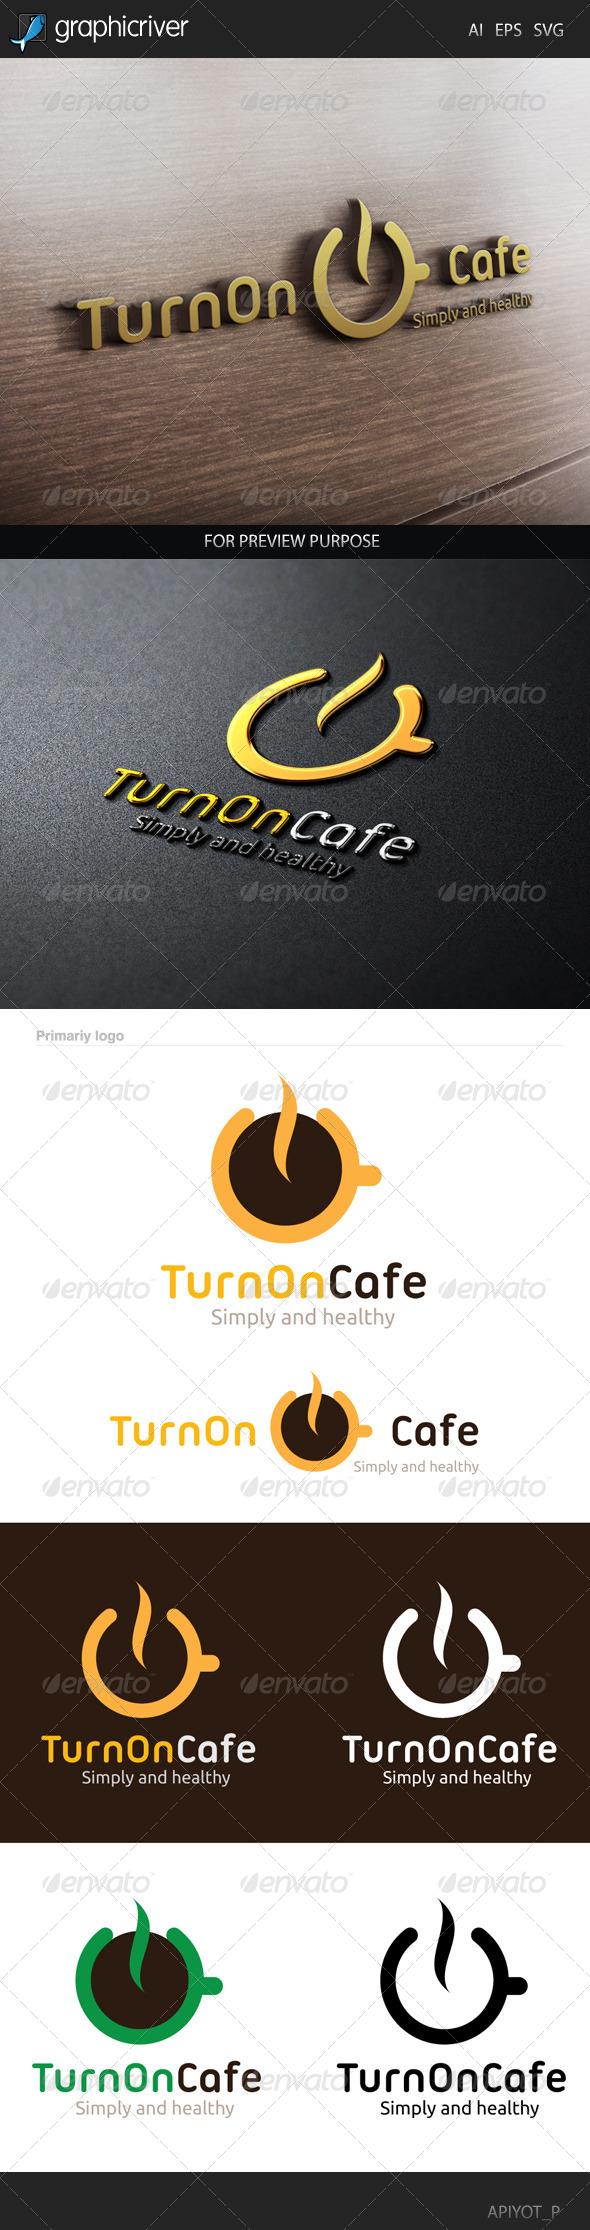 Turn on Cafe Logo